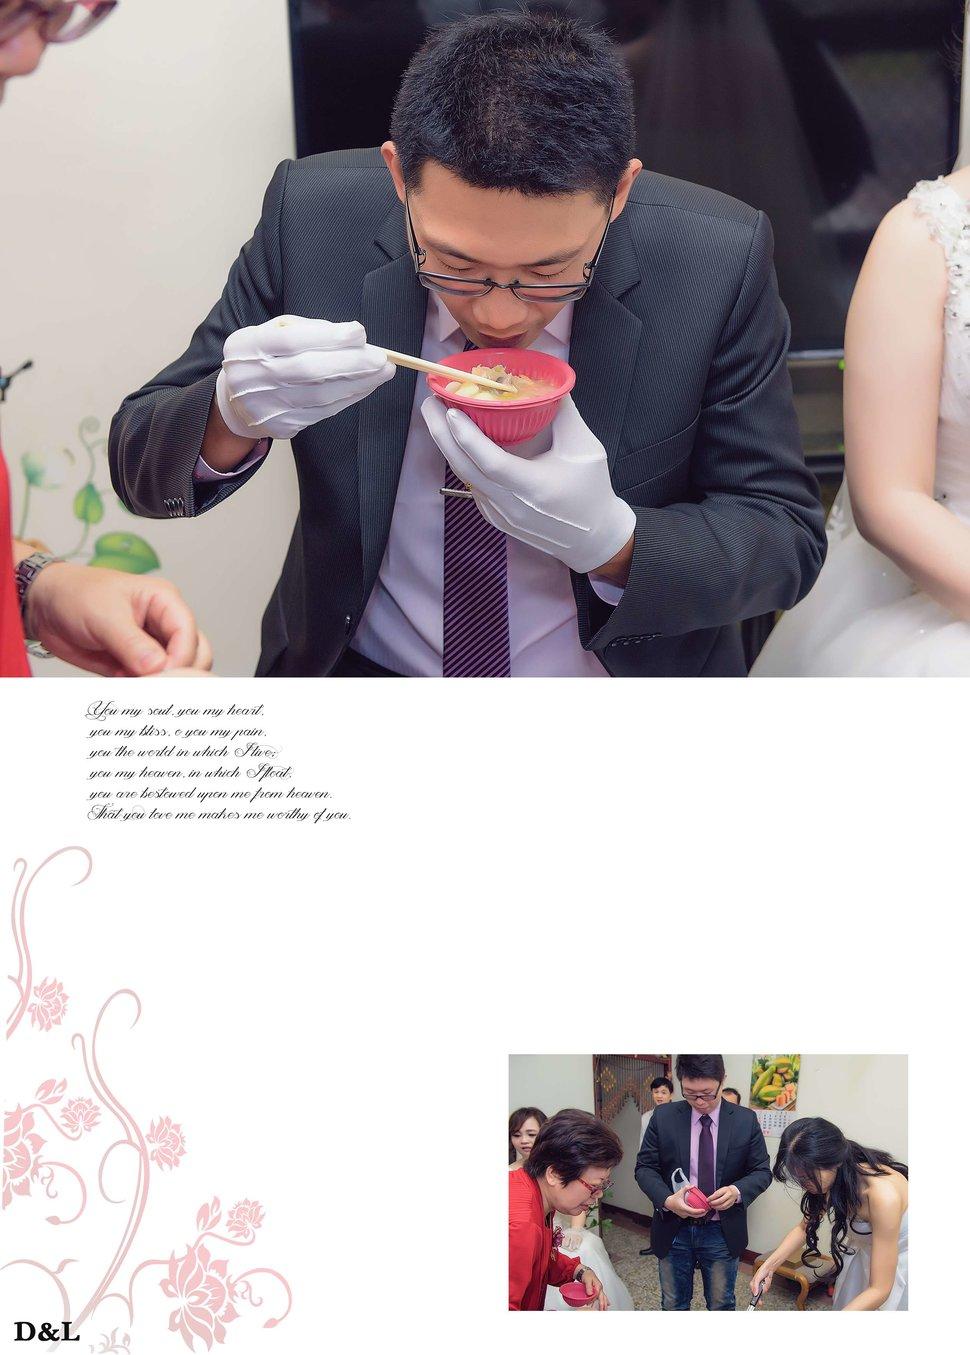 婚禮記錄 錦全&昀臻(編號:6096) - D&L 婚禮事務-婚紗攝影/婚禮記錄 - 結婚吧一站式婚禮服務平台